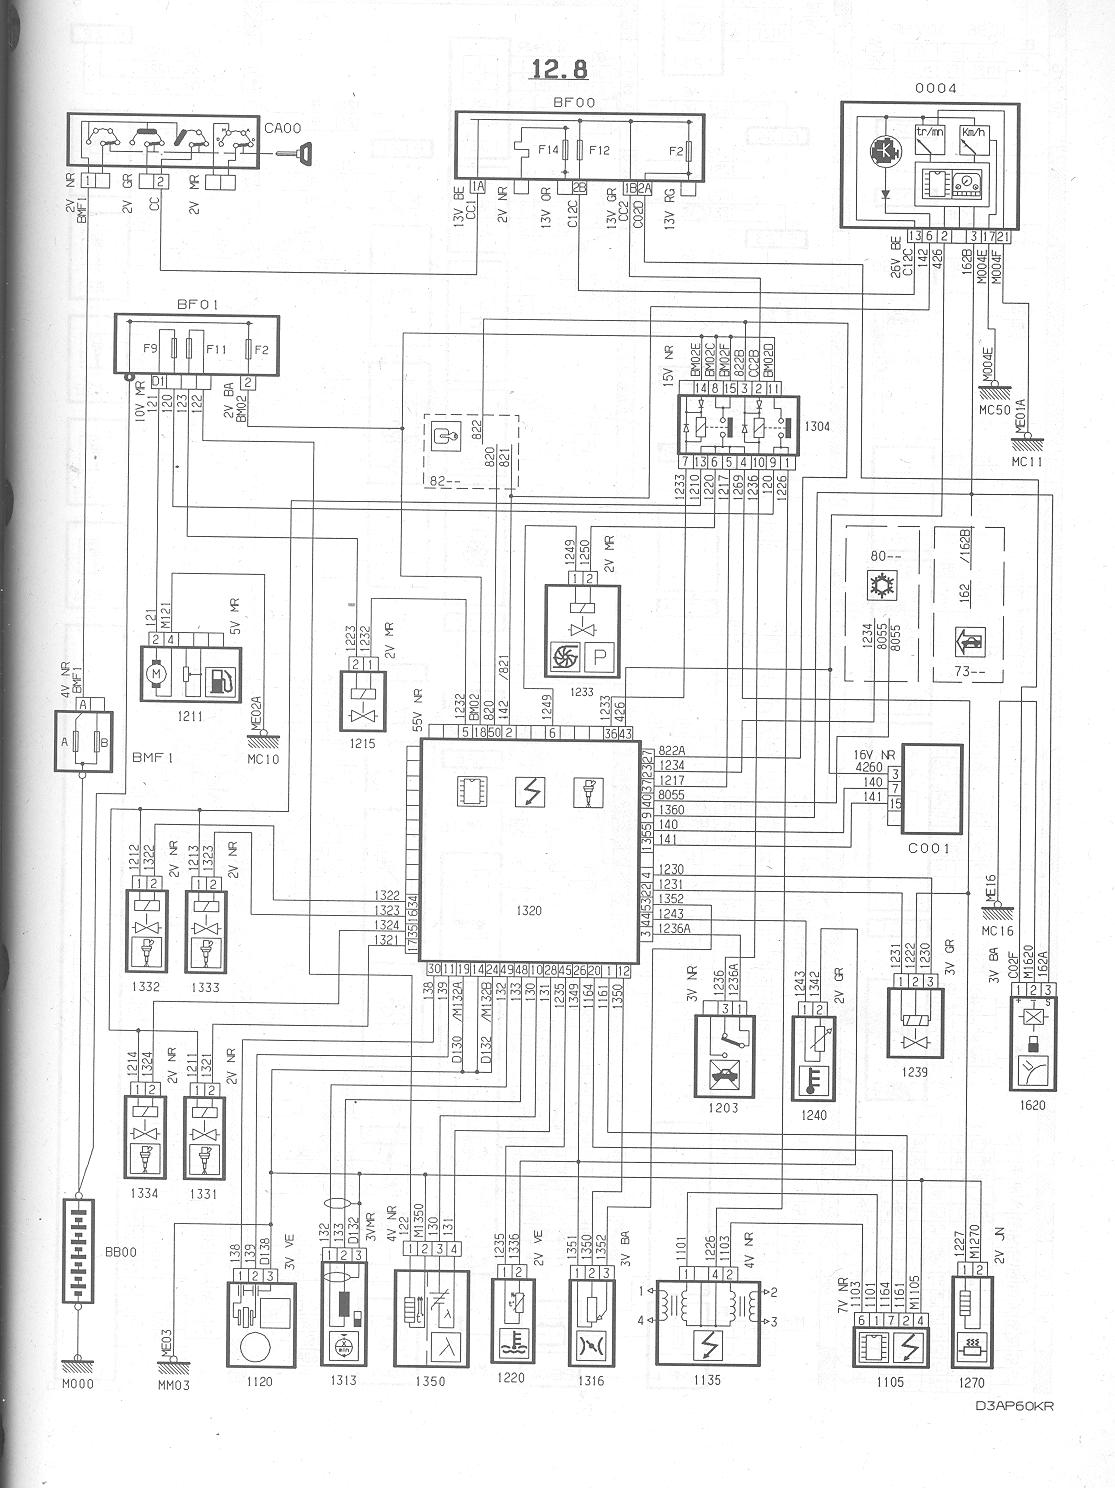 Citroen xantia wiring diagram tools beautiful citroen xsara picasso wiring diagram ideas electrical rh palogin com citroen xsara electrical diagram citroen xsara wiring diagram pdf cheapraybanclubmaster Gallery